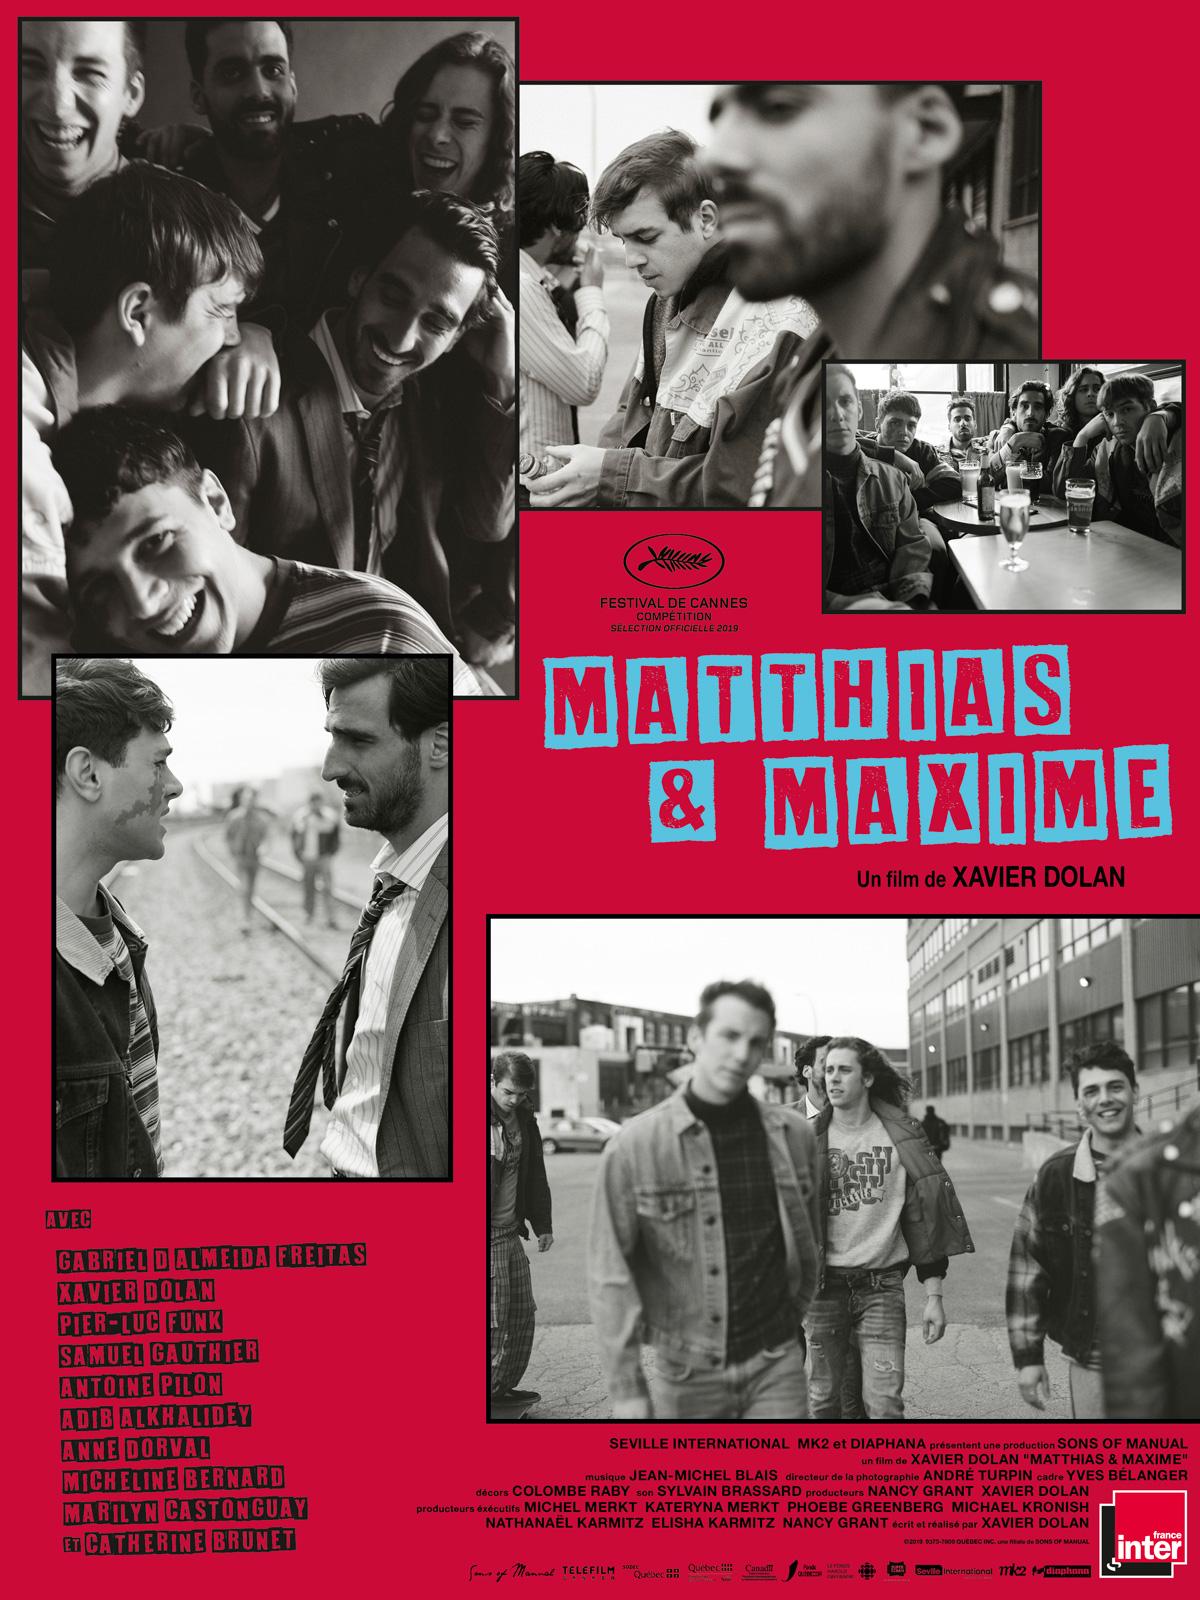 Achat Matthias & Maxime en DVD - AlloCiné